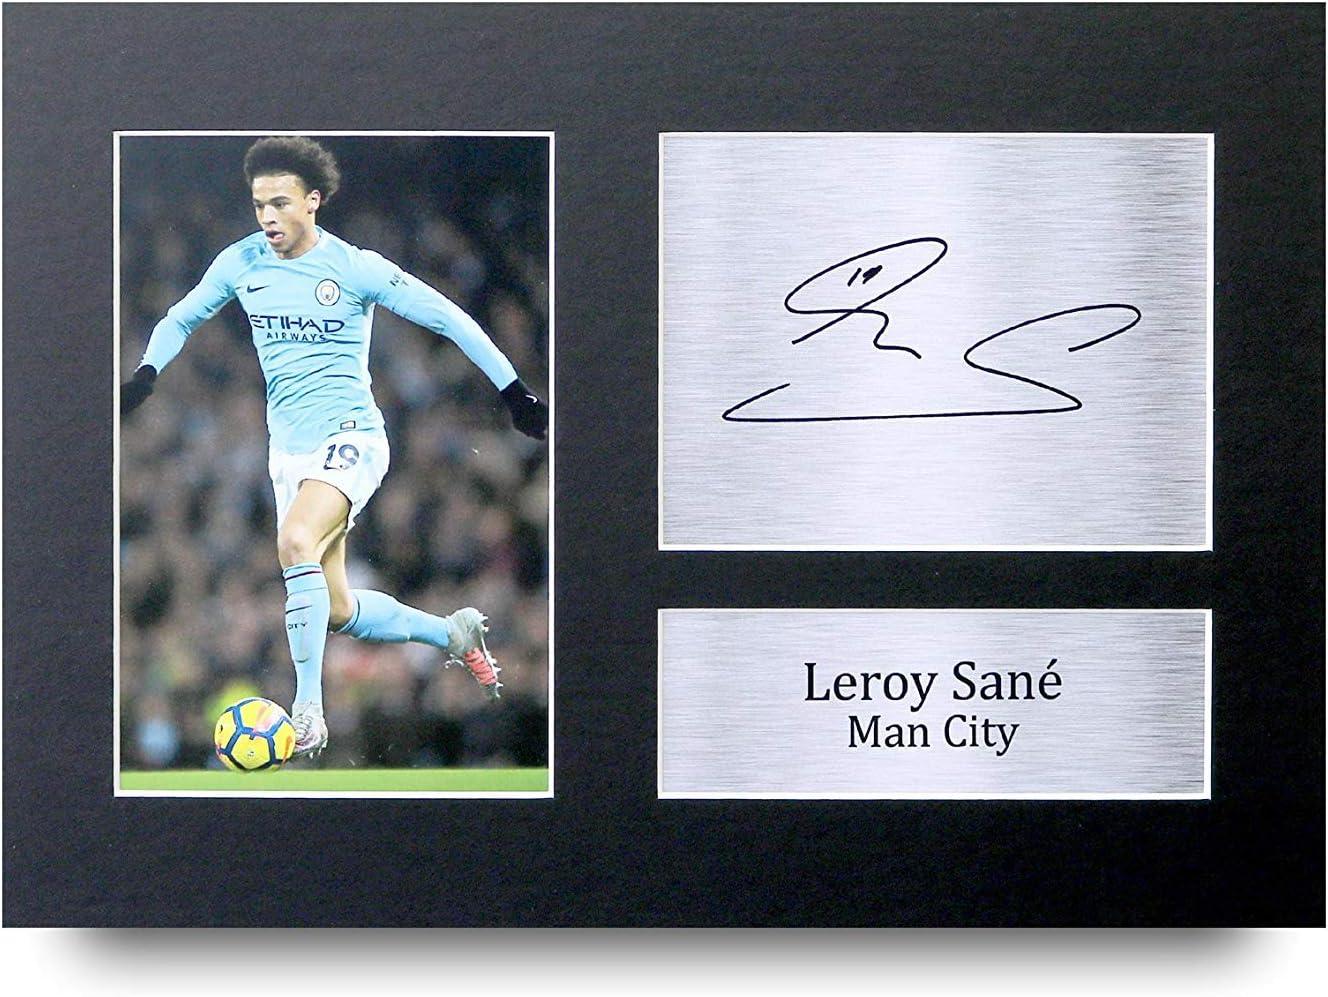 HWC Trading Kevin De Bruyne A4 Encadr/é Sign/é Image Autographe Imprim/é Impression Photo Cadeau DAffichage pour Manchester City Fans De Football